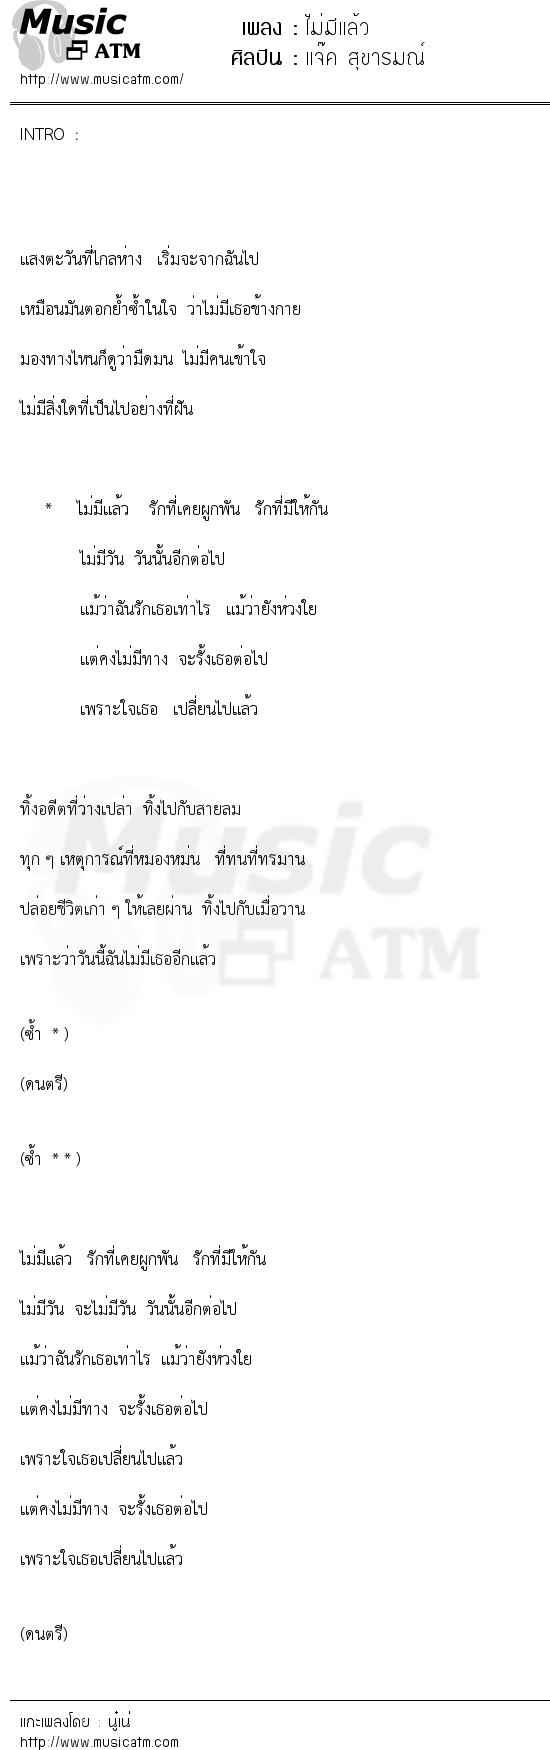 เนื้อเพลง ไม่มีแล้ว - แจ๊ค สุขารมณ์ | เพลงไทย